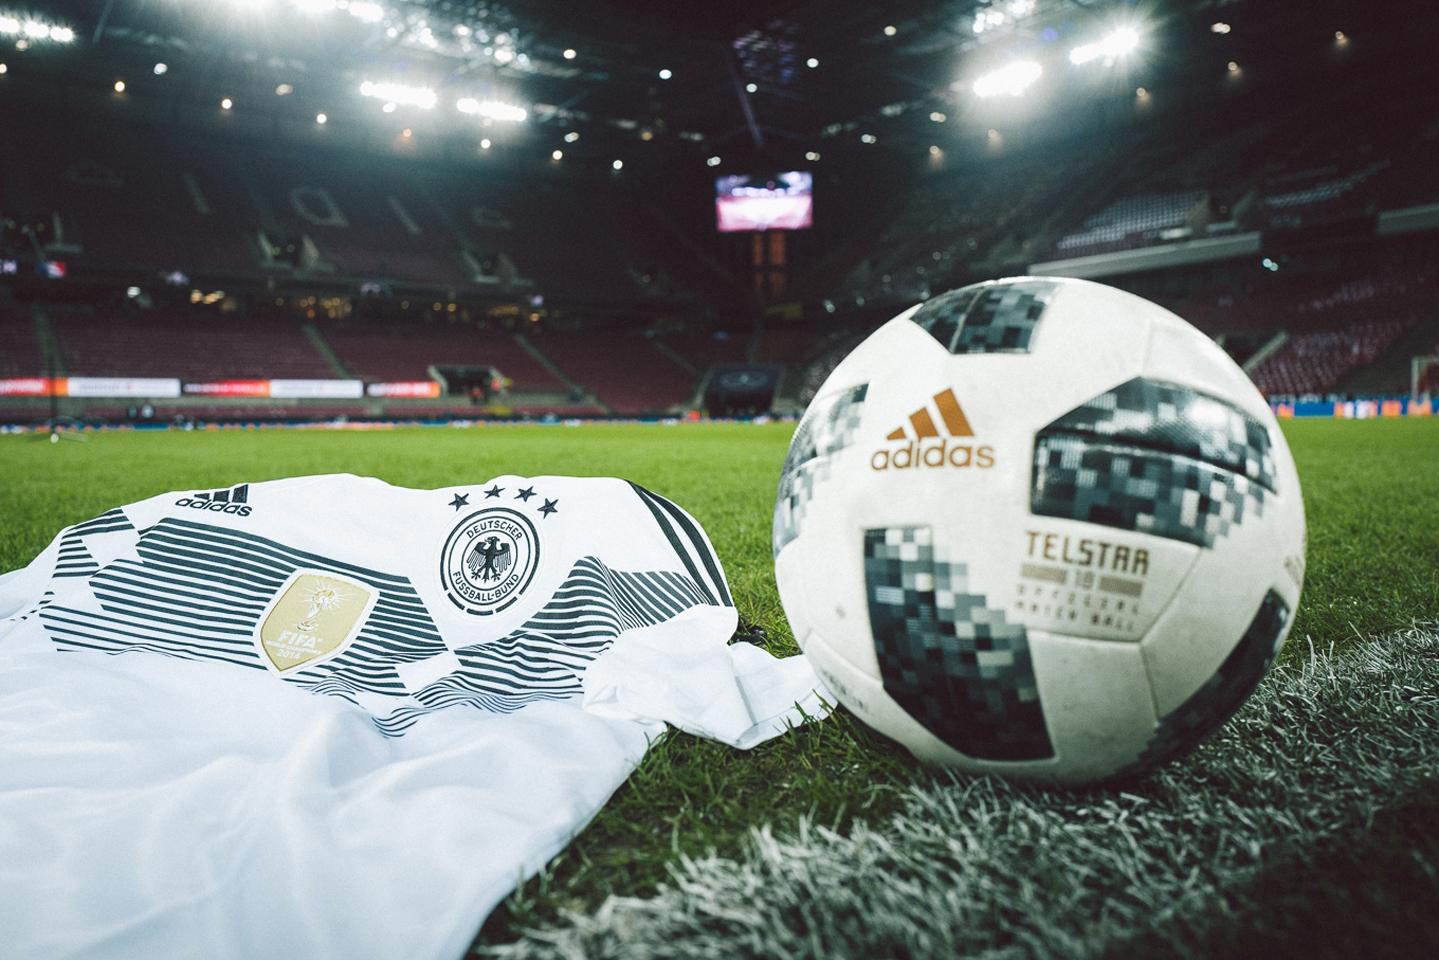 DFB Branding auf Trikot und Ball